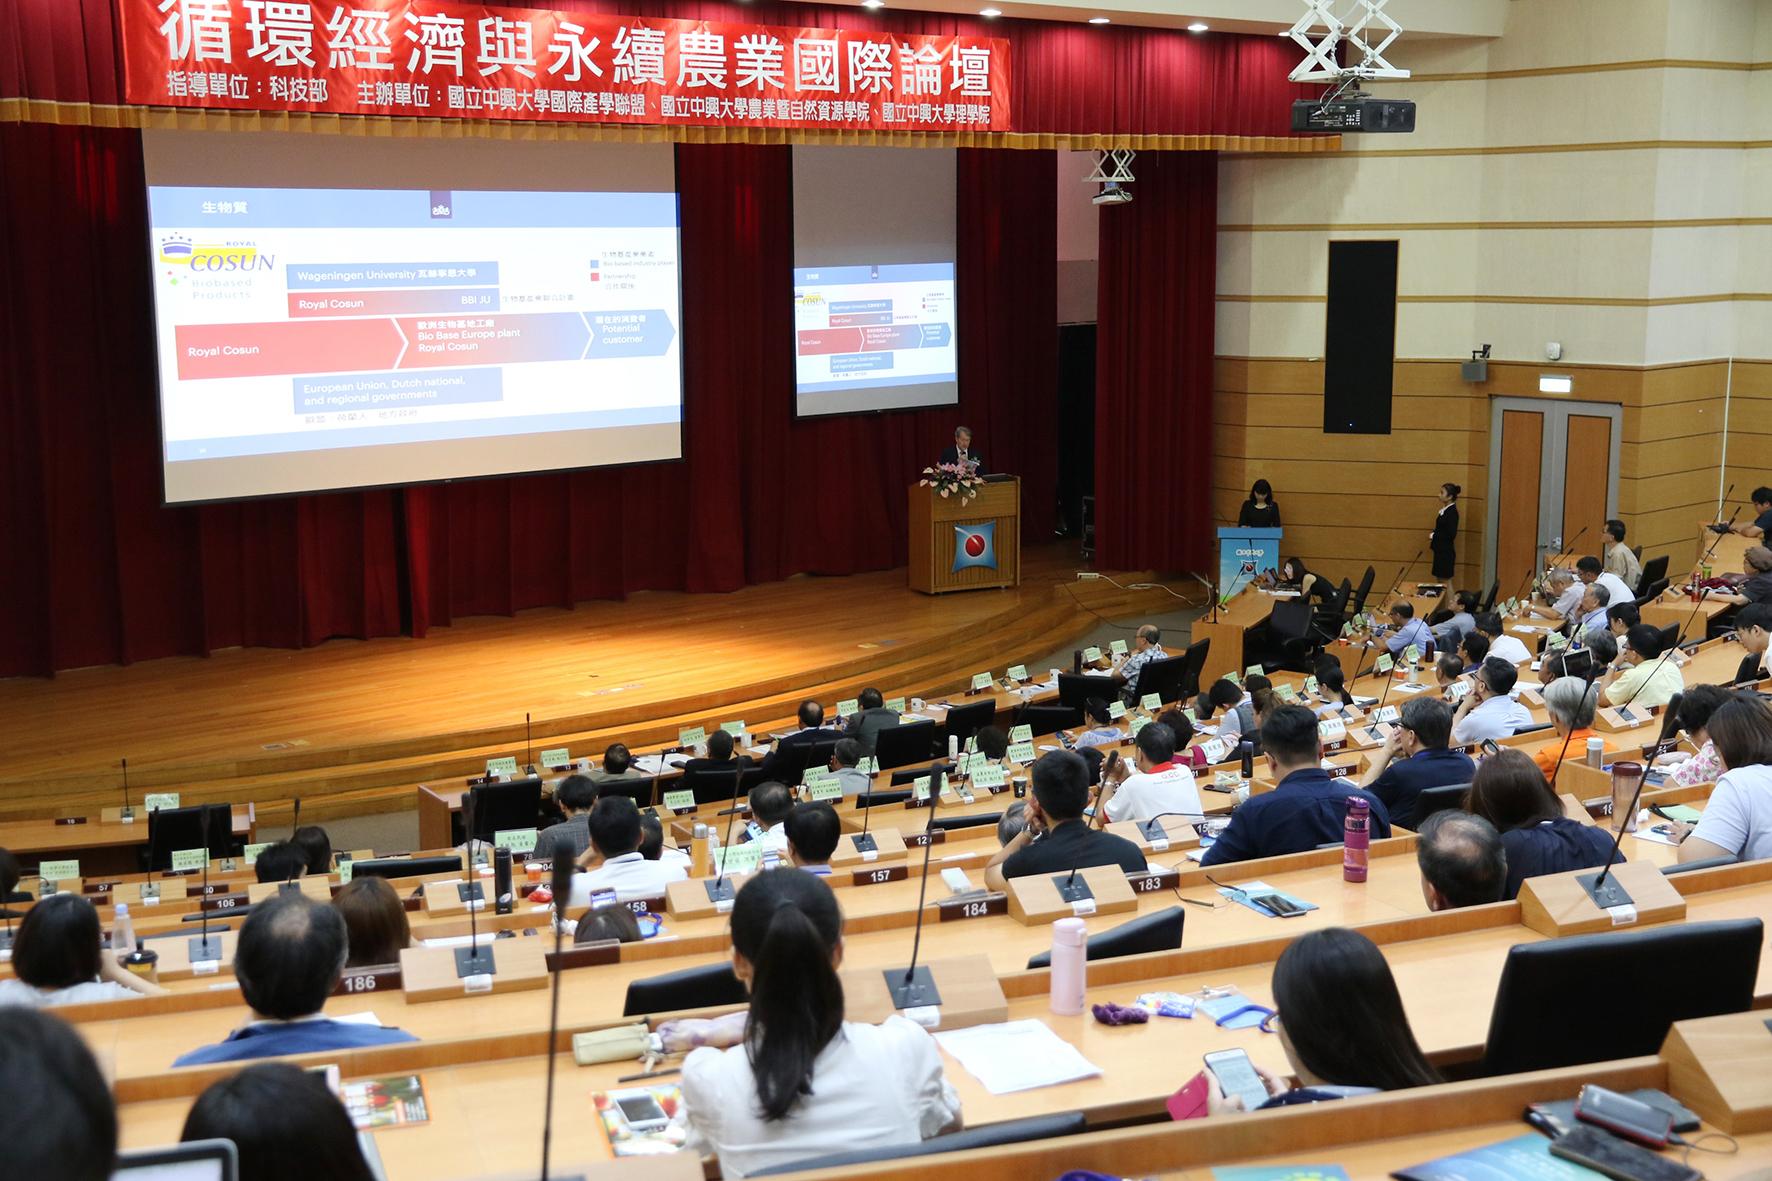 ↑興大辦國際論壇 探討循環經濟與永續農業